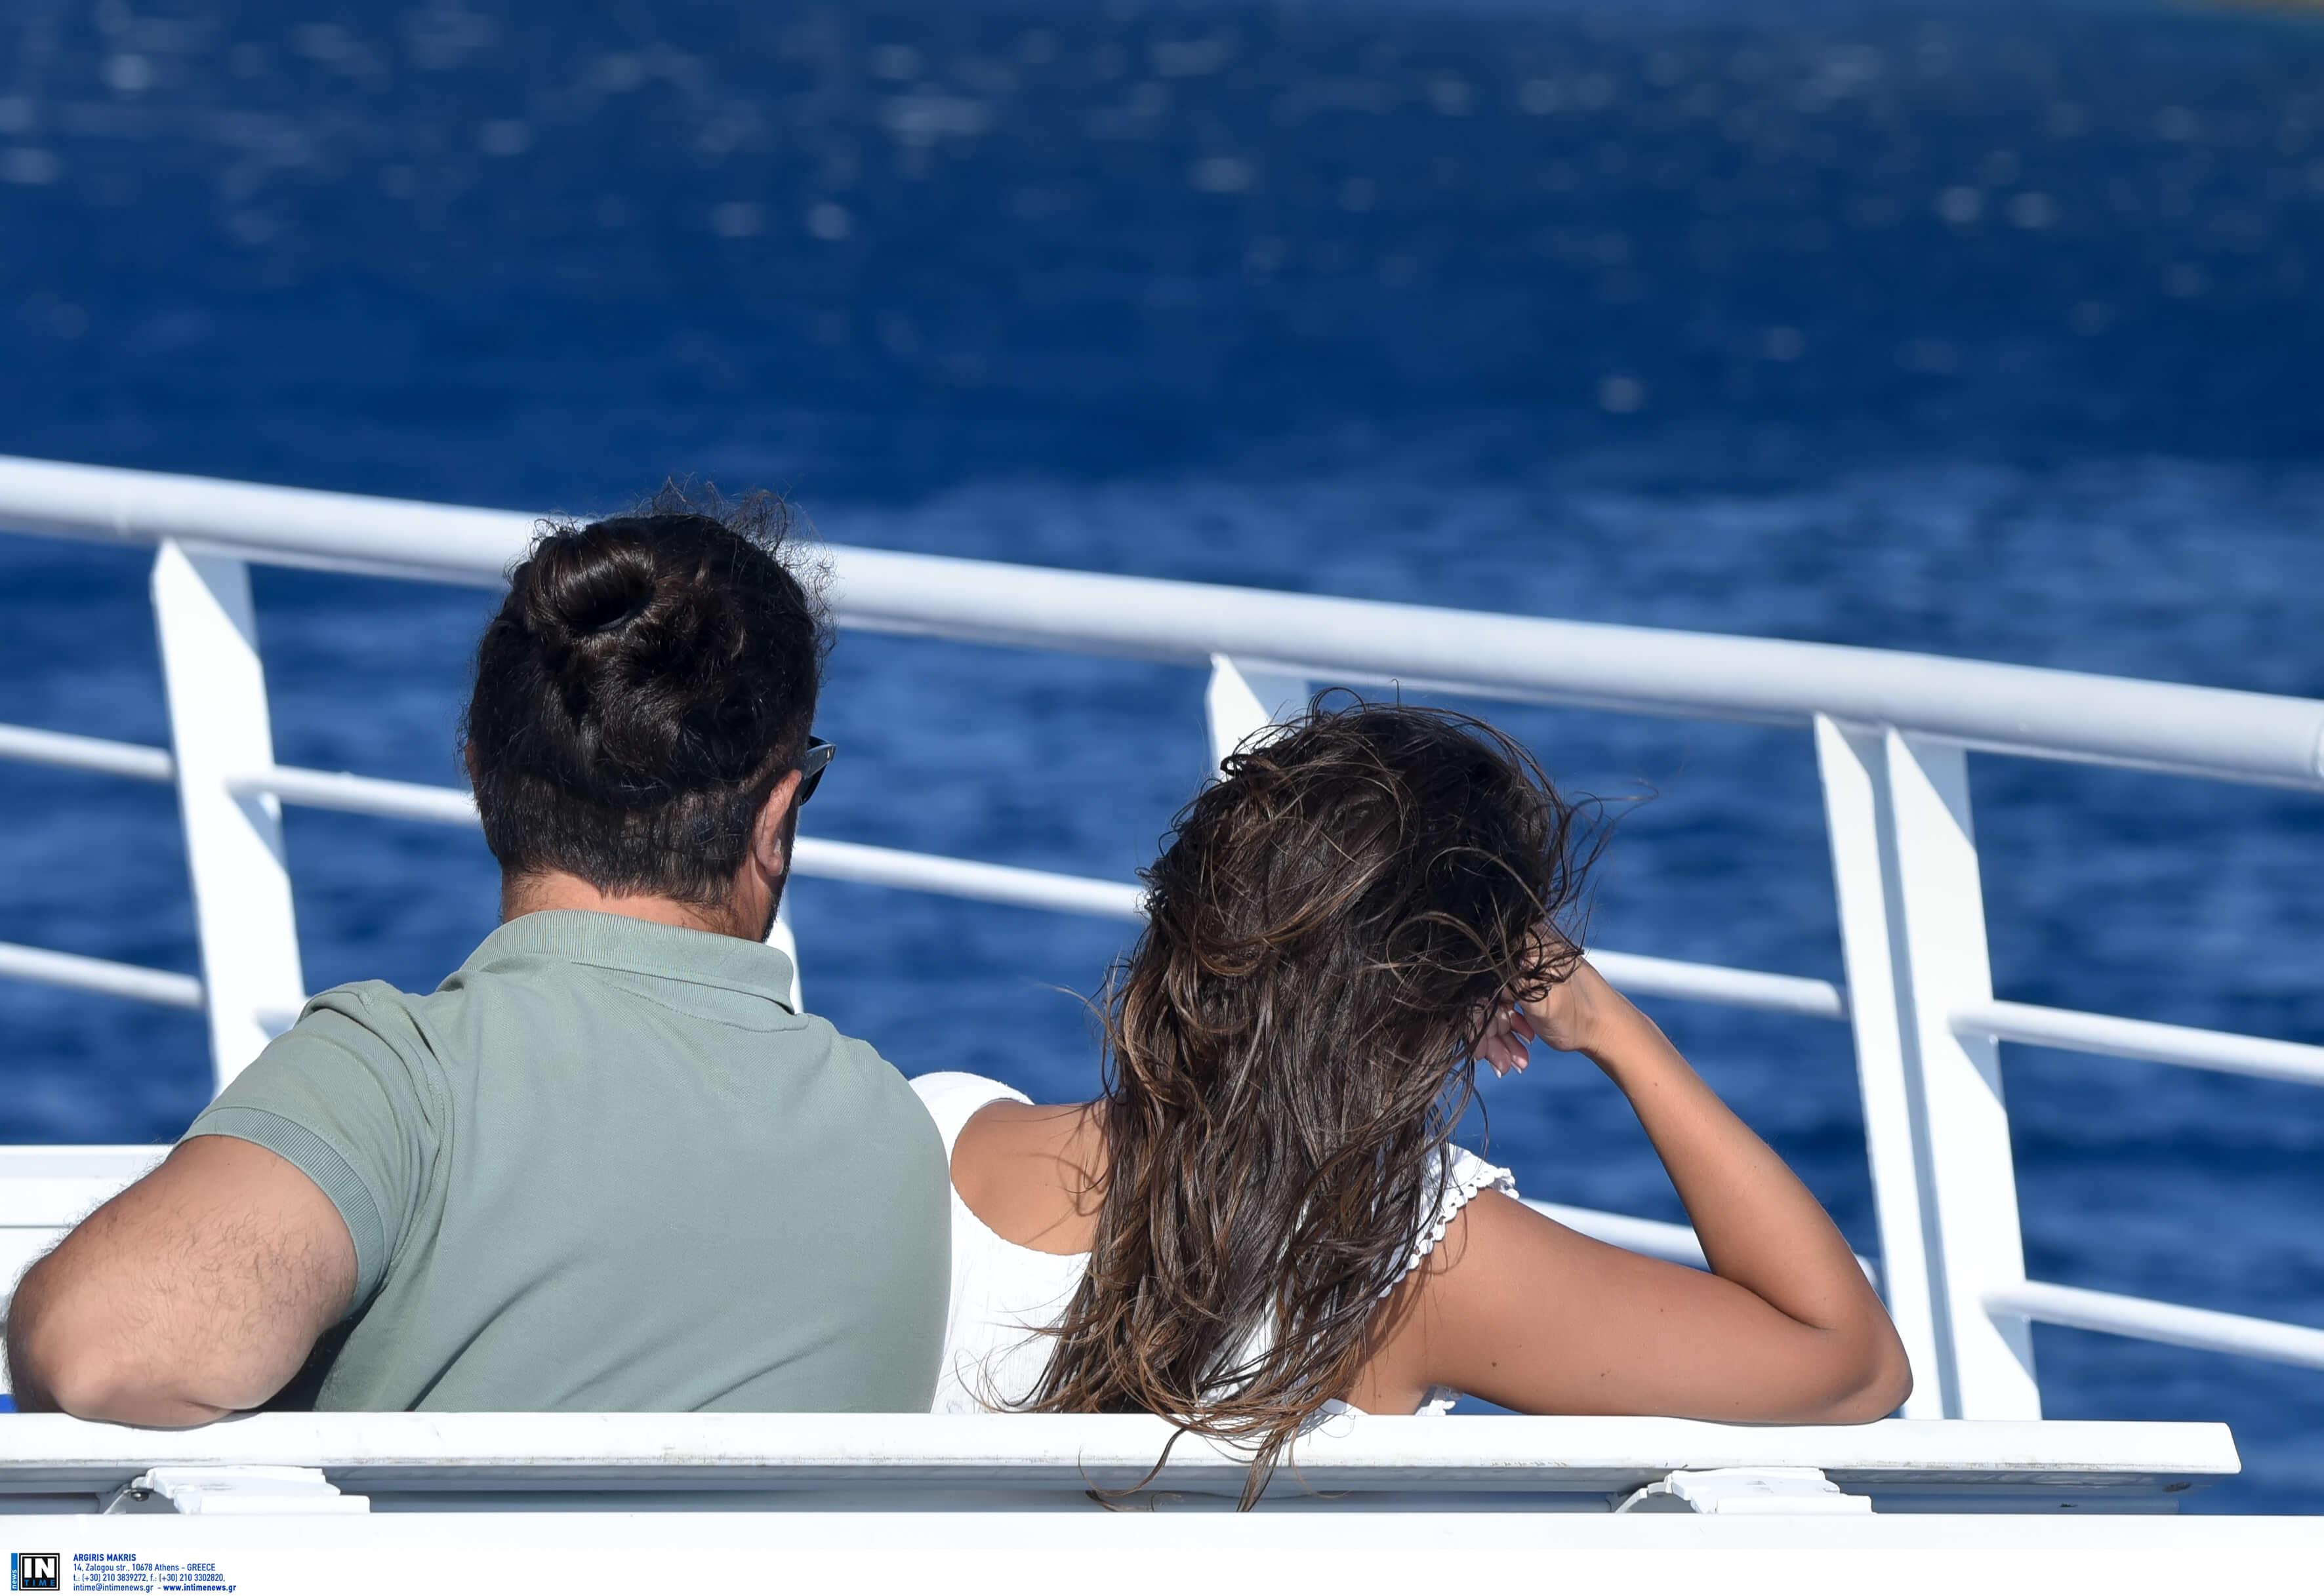 Άνδρος: Αποζημιώθηκε με 500 ευρώ επιβάτης πλοίου – Τι συνέβη στο επίμαχο ταξίδι για Ραφήνα!